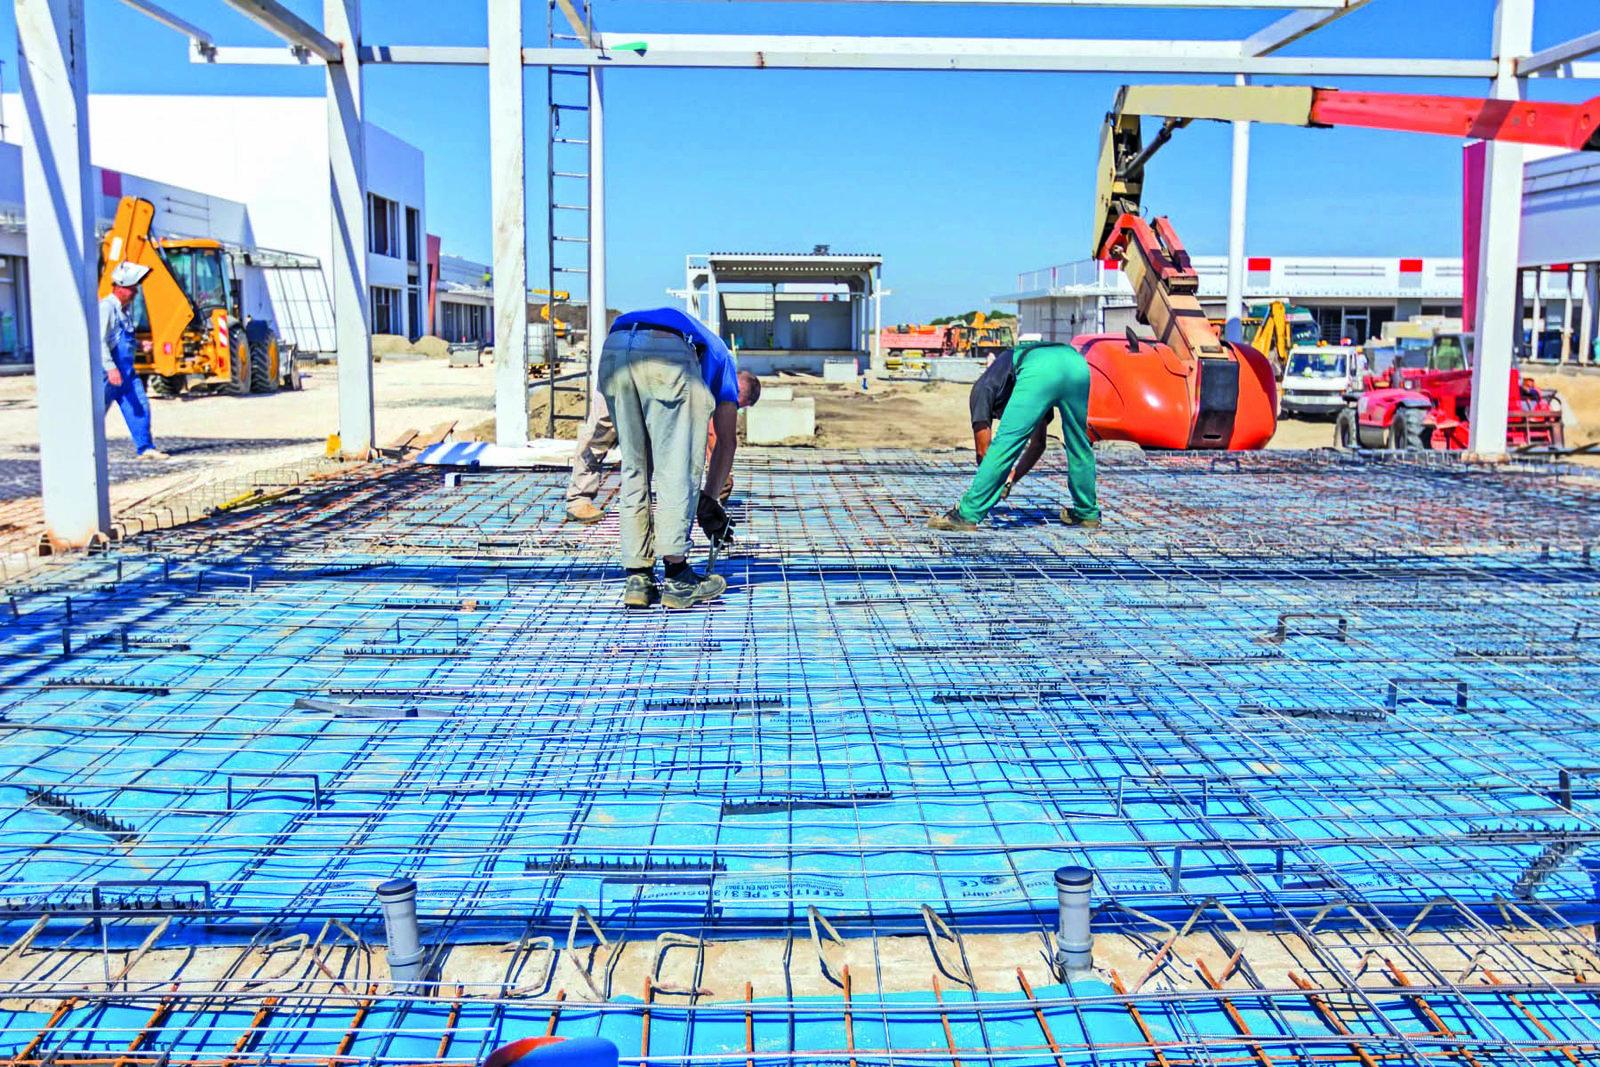 El 'Parque Acero'traerá economía a Monclova